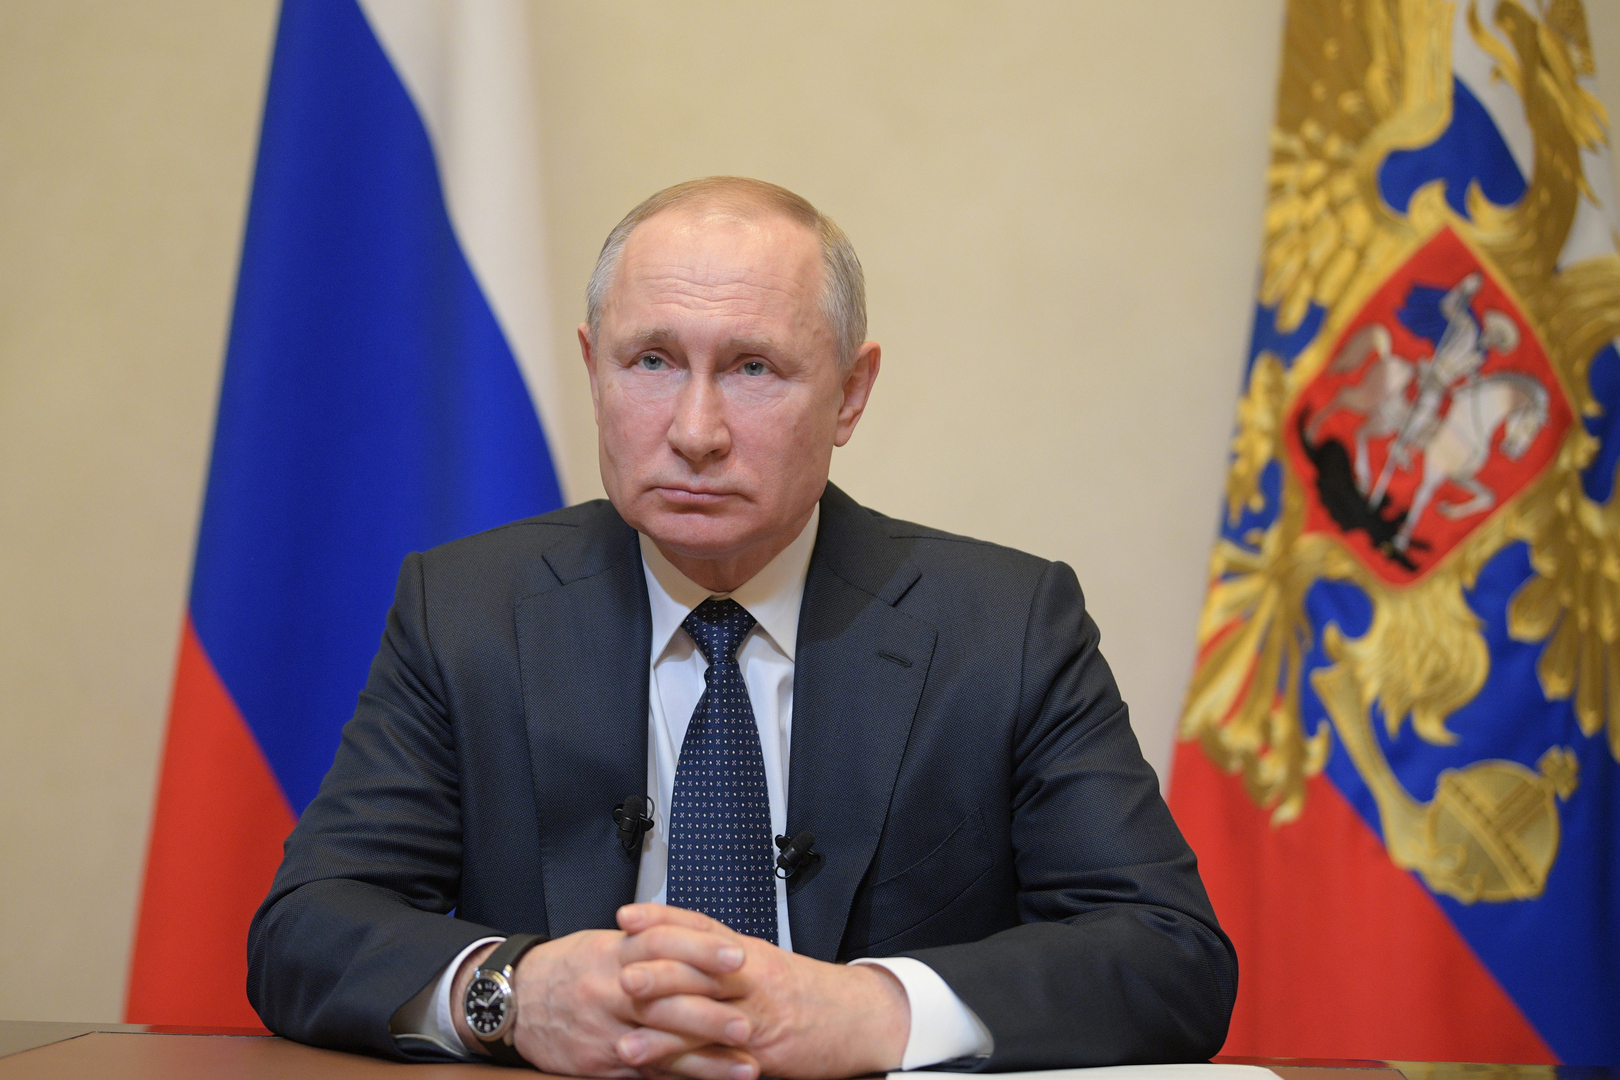 بوتين عن كورونا: تصدينا بنجاح لتحد غير مسبوق لكن كفة الميزان قد ترجح لأي اتجاه